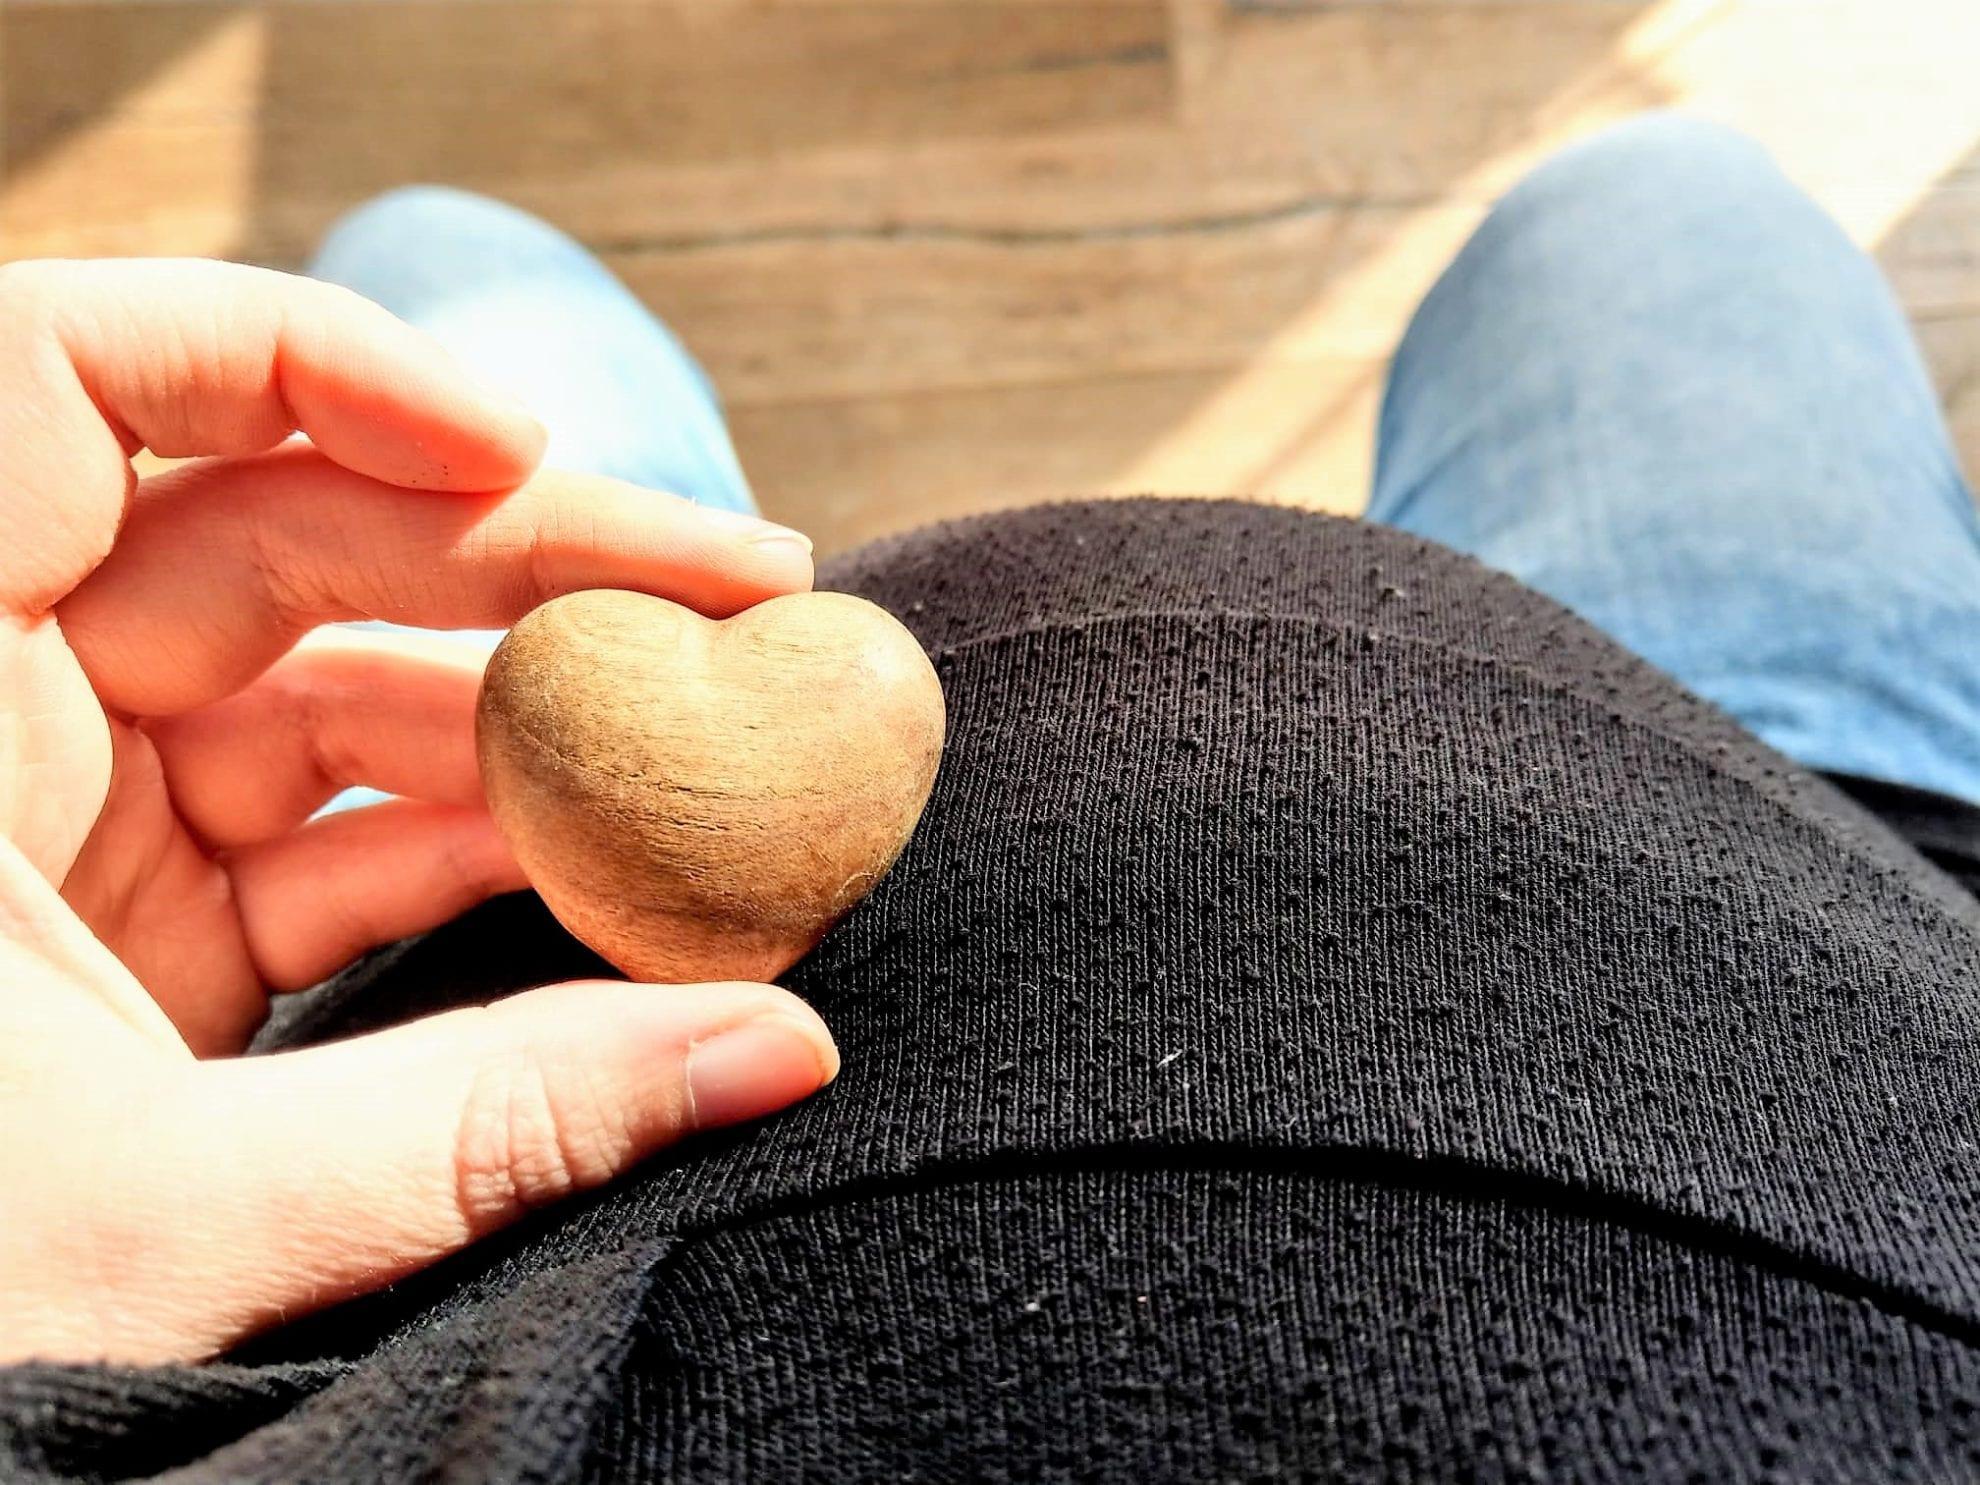 Schwangerschaft, schwanger, Schwangerschaftsupdate. 26. Schwangerschaftswoche, Babybauch, Herz, 7. Monat